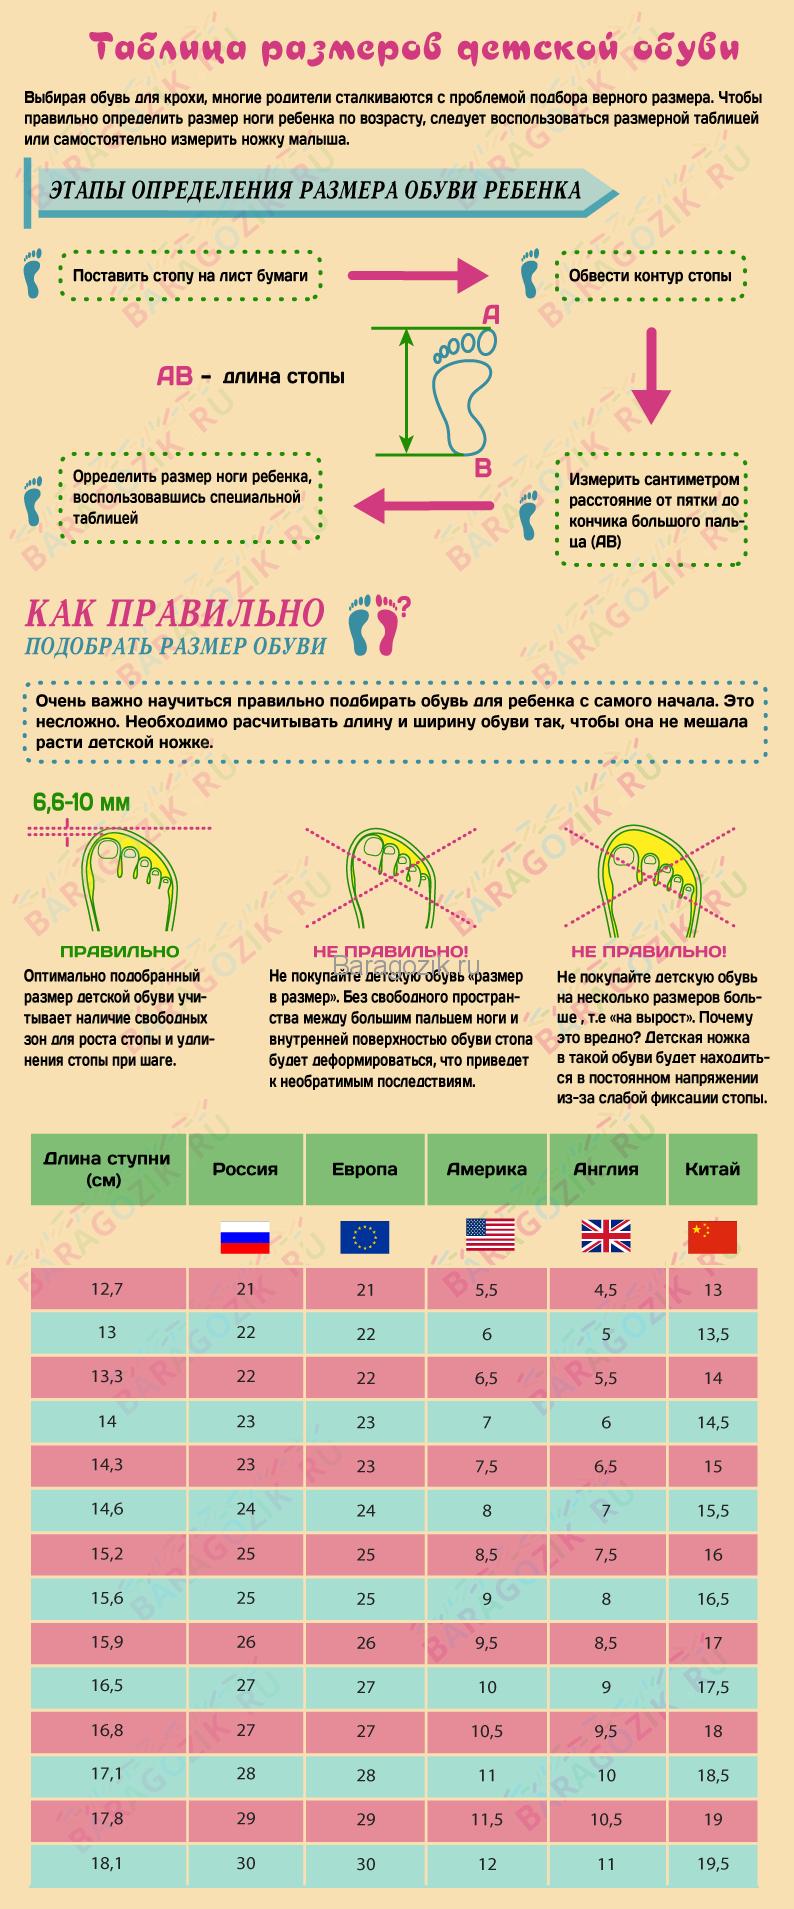 e3a963428 Как правильно определить размер ноги и обуви у ребенка– таблица размеров  обуви у детей Россия, США, Европа, Китай и Англия